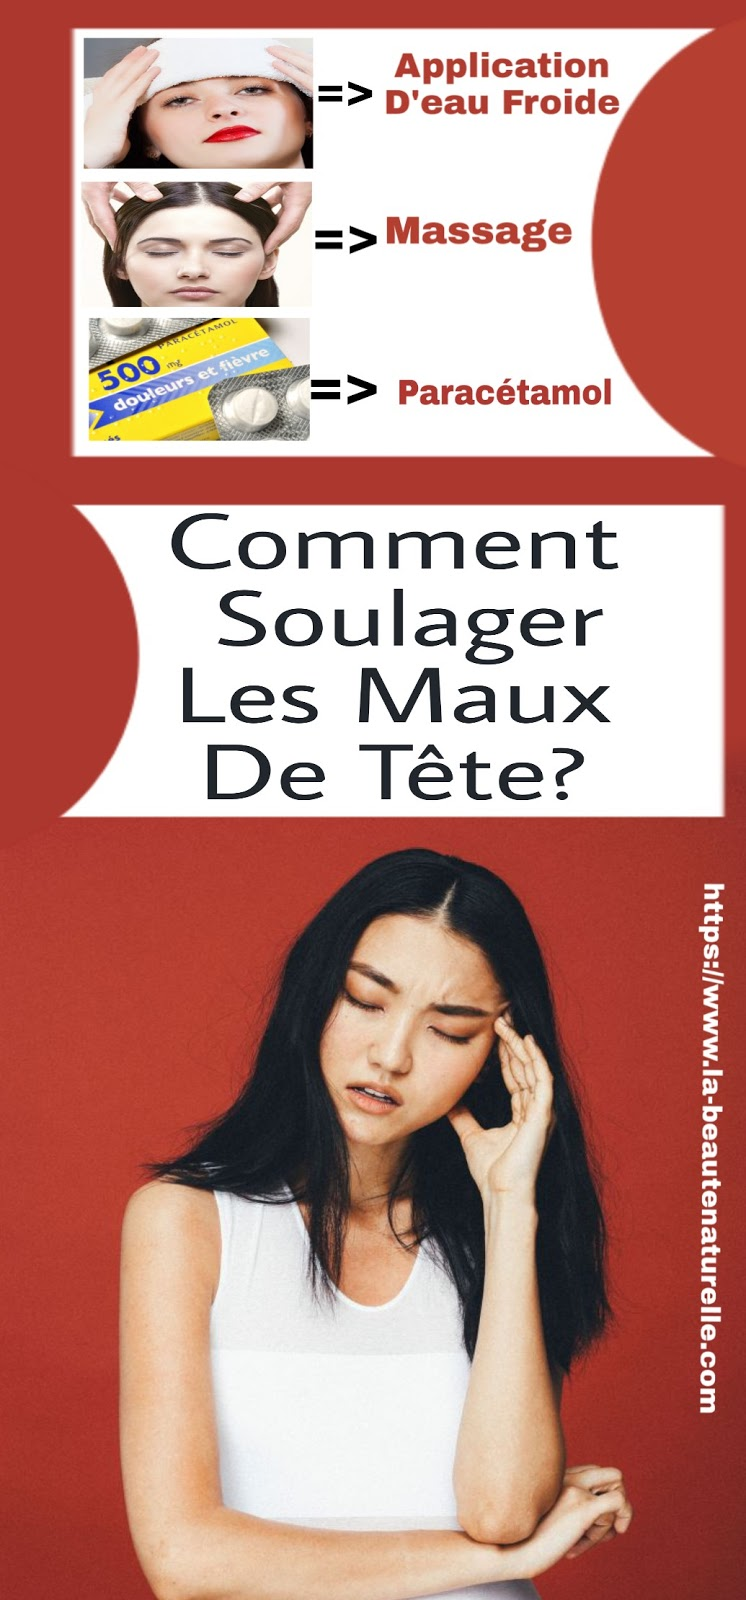 Comment Soulager Les Maux De Tête?